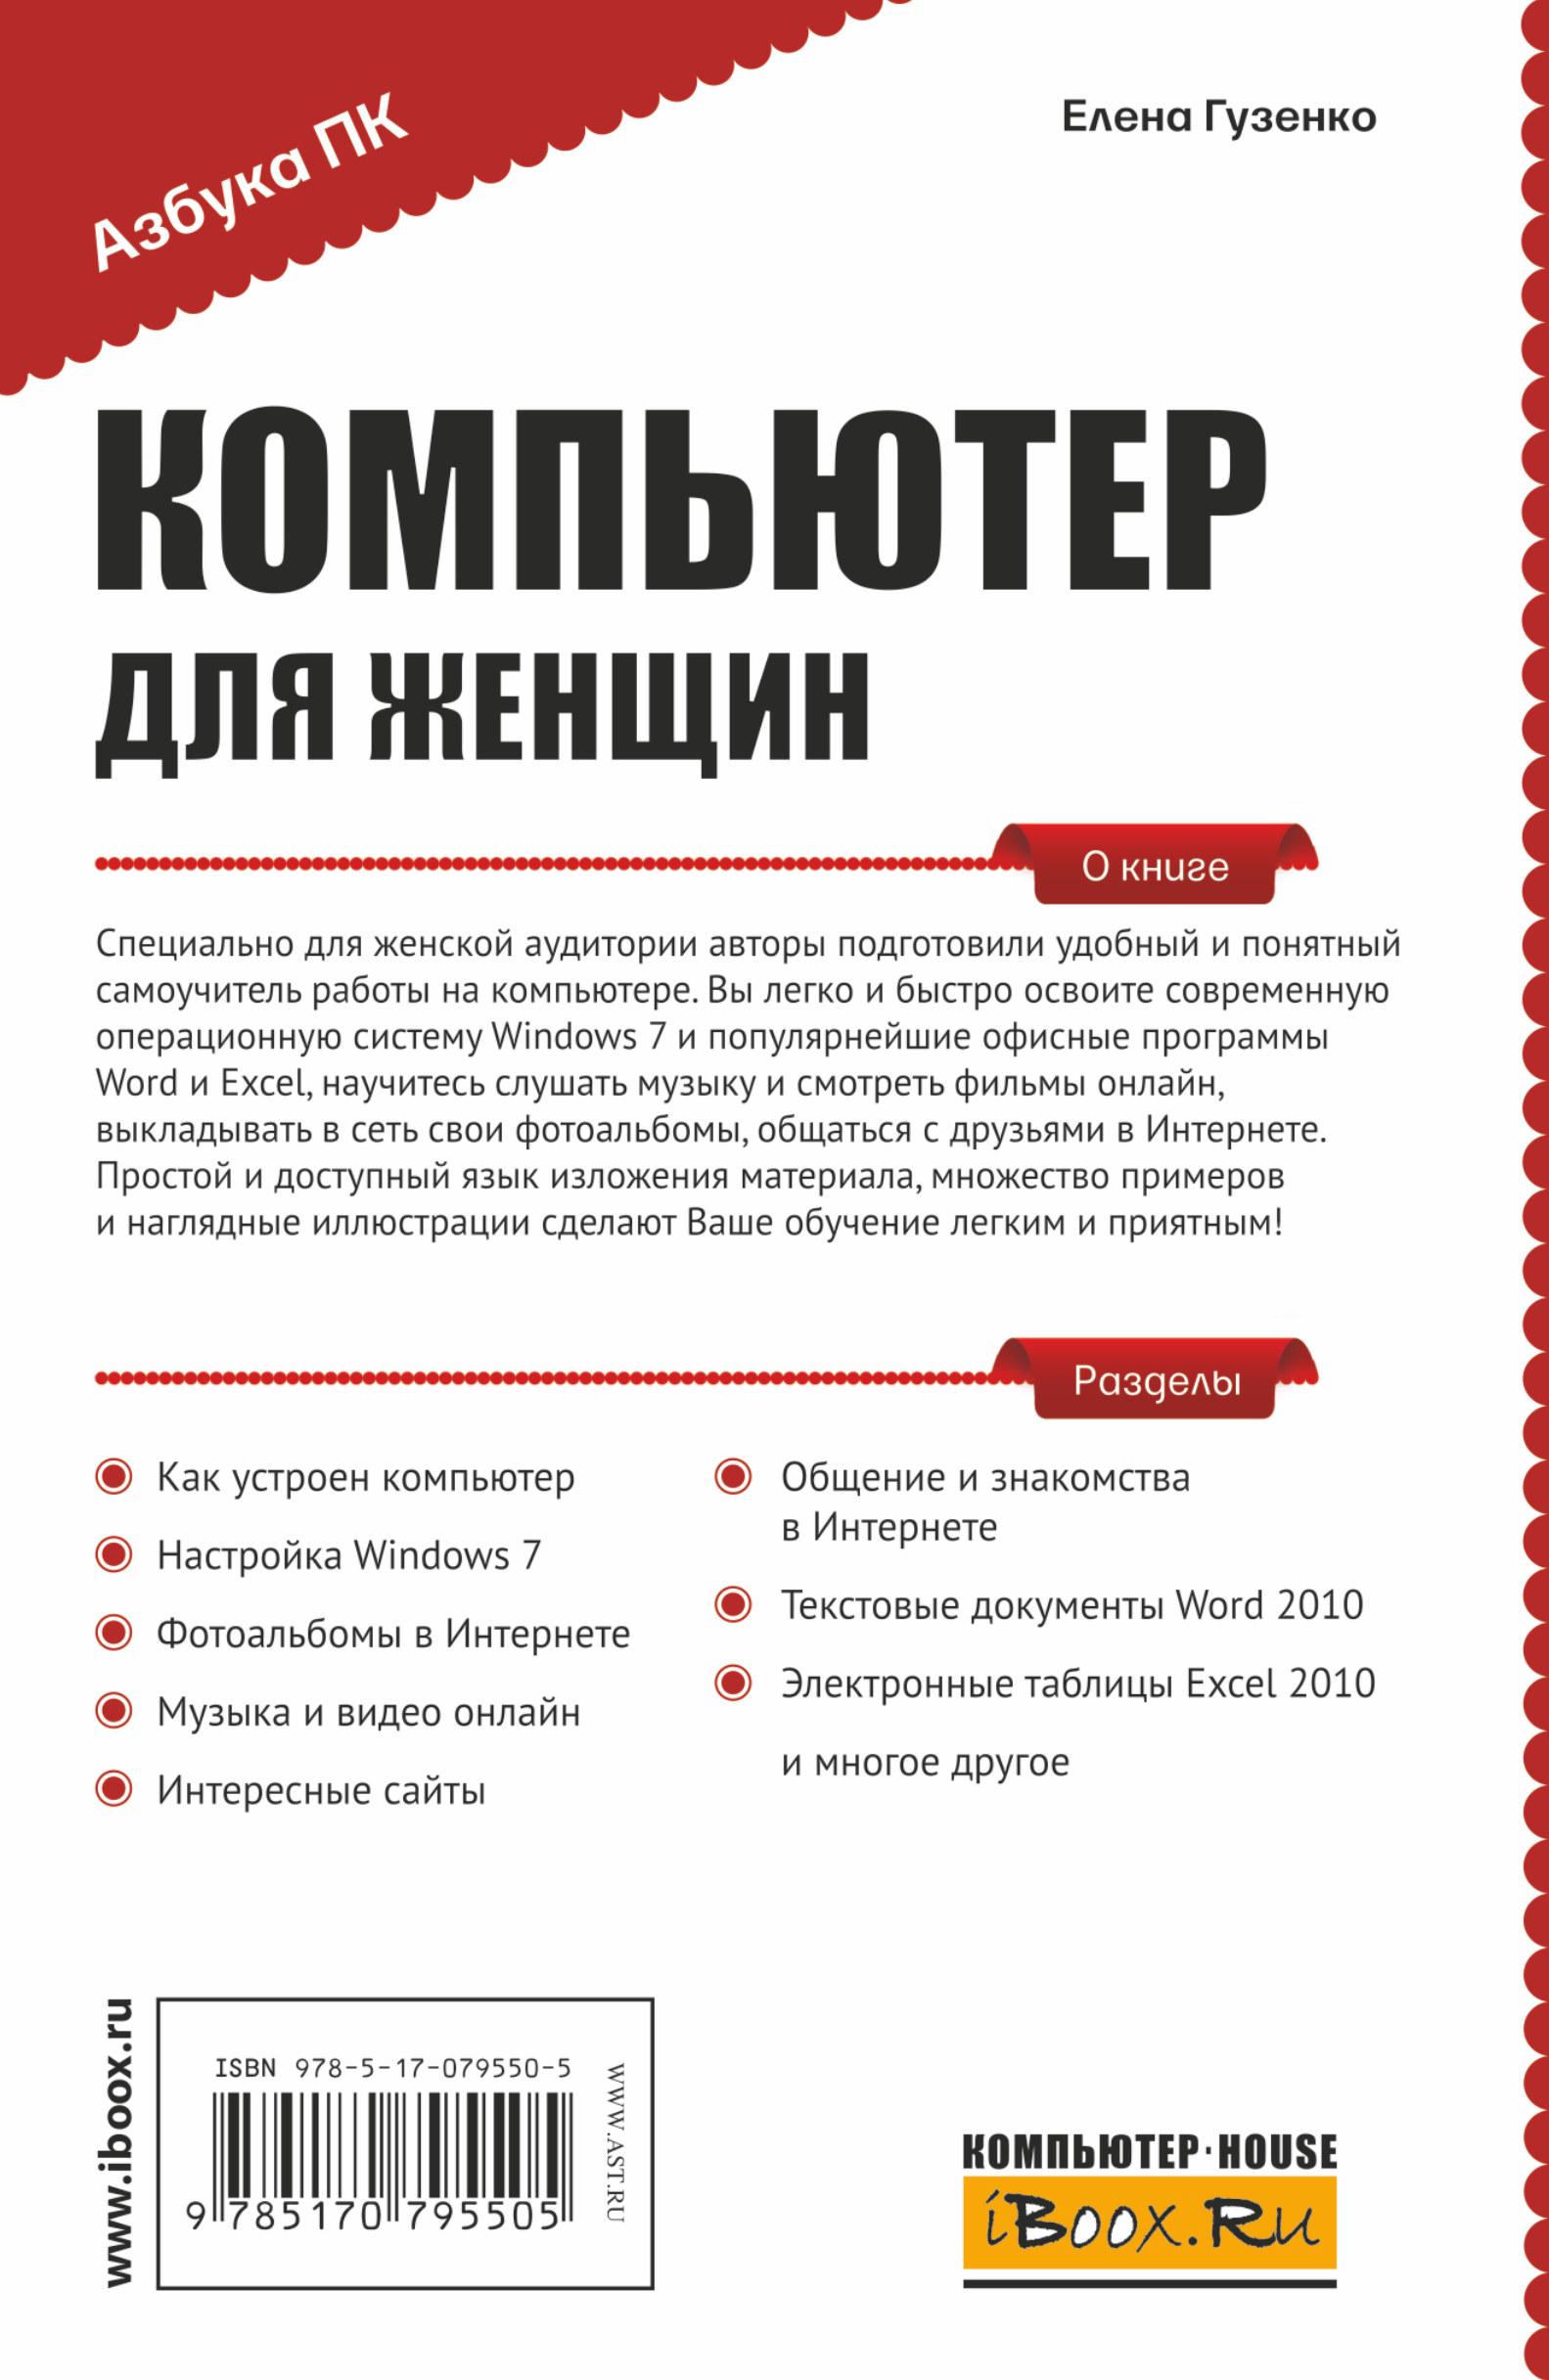 Елена Гузенко. Компьютер для женщин